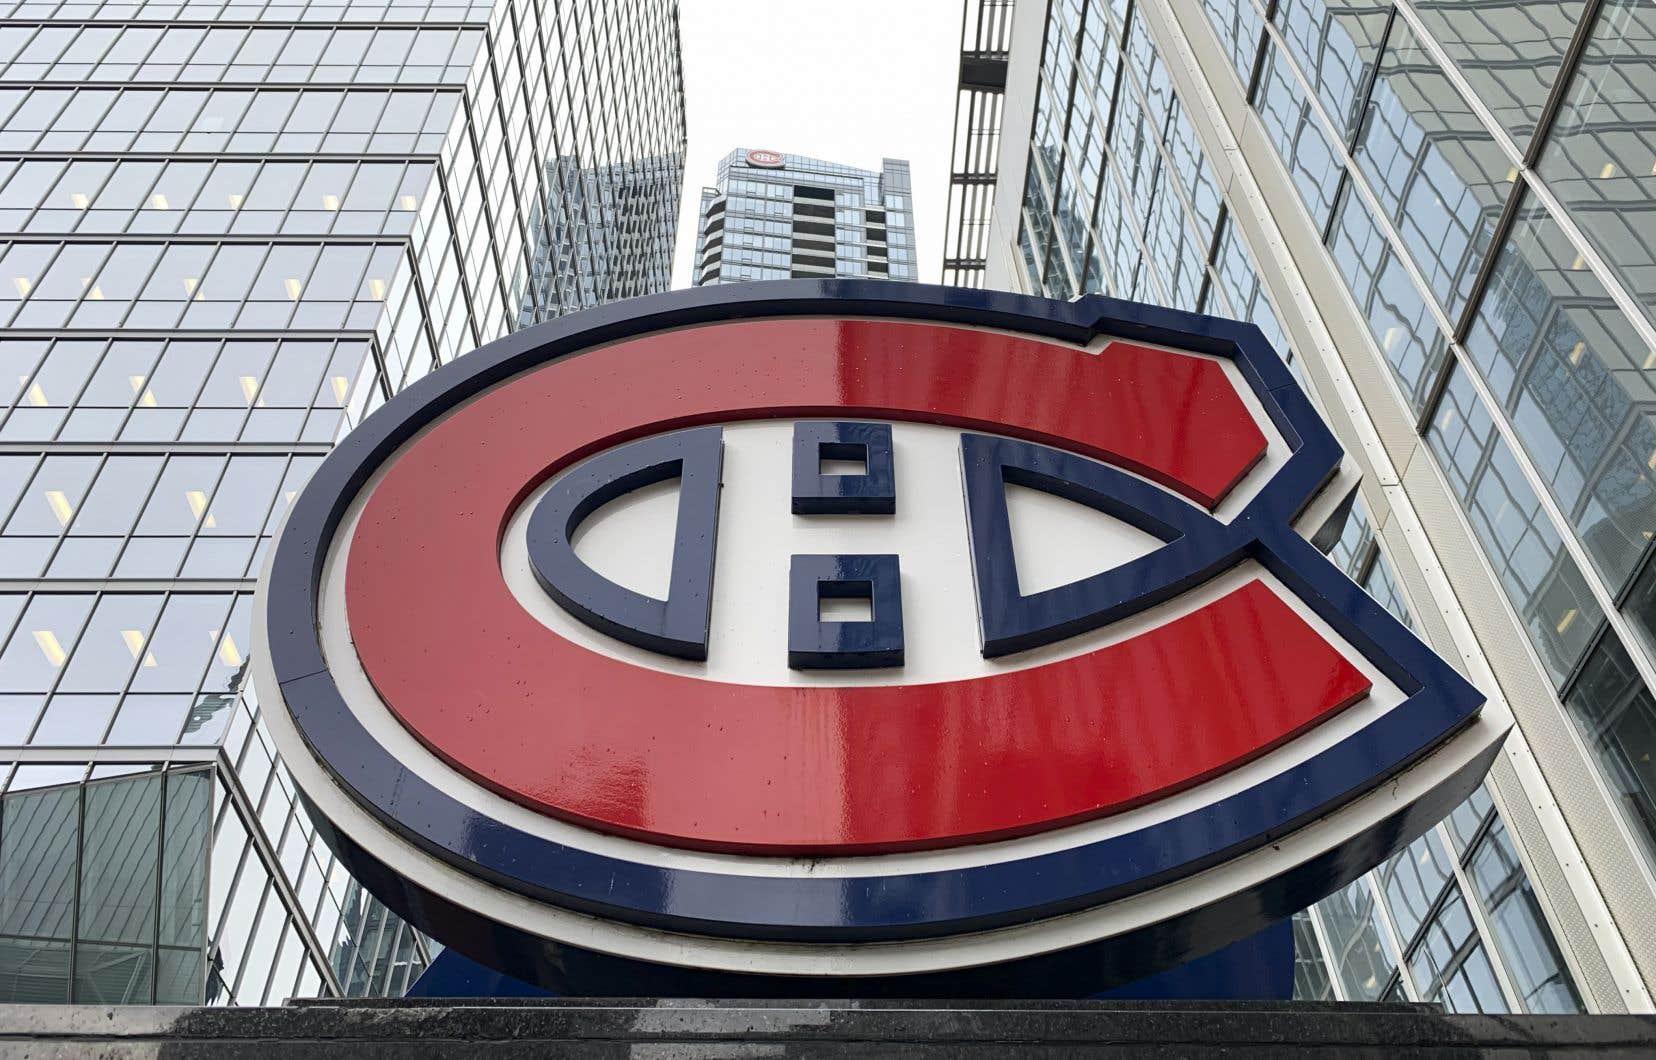 Plusieurs porte-couleurs du Tricolore ont évolué dans l'ECHL avant de faire leur place à Montréal, notamment Brett Kulak, Ben Chiarot, David Desharnais, Francis Bouillon, Jaroslav Halak, Mark Streit et Alex Belzile.